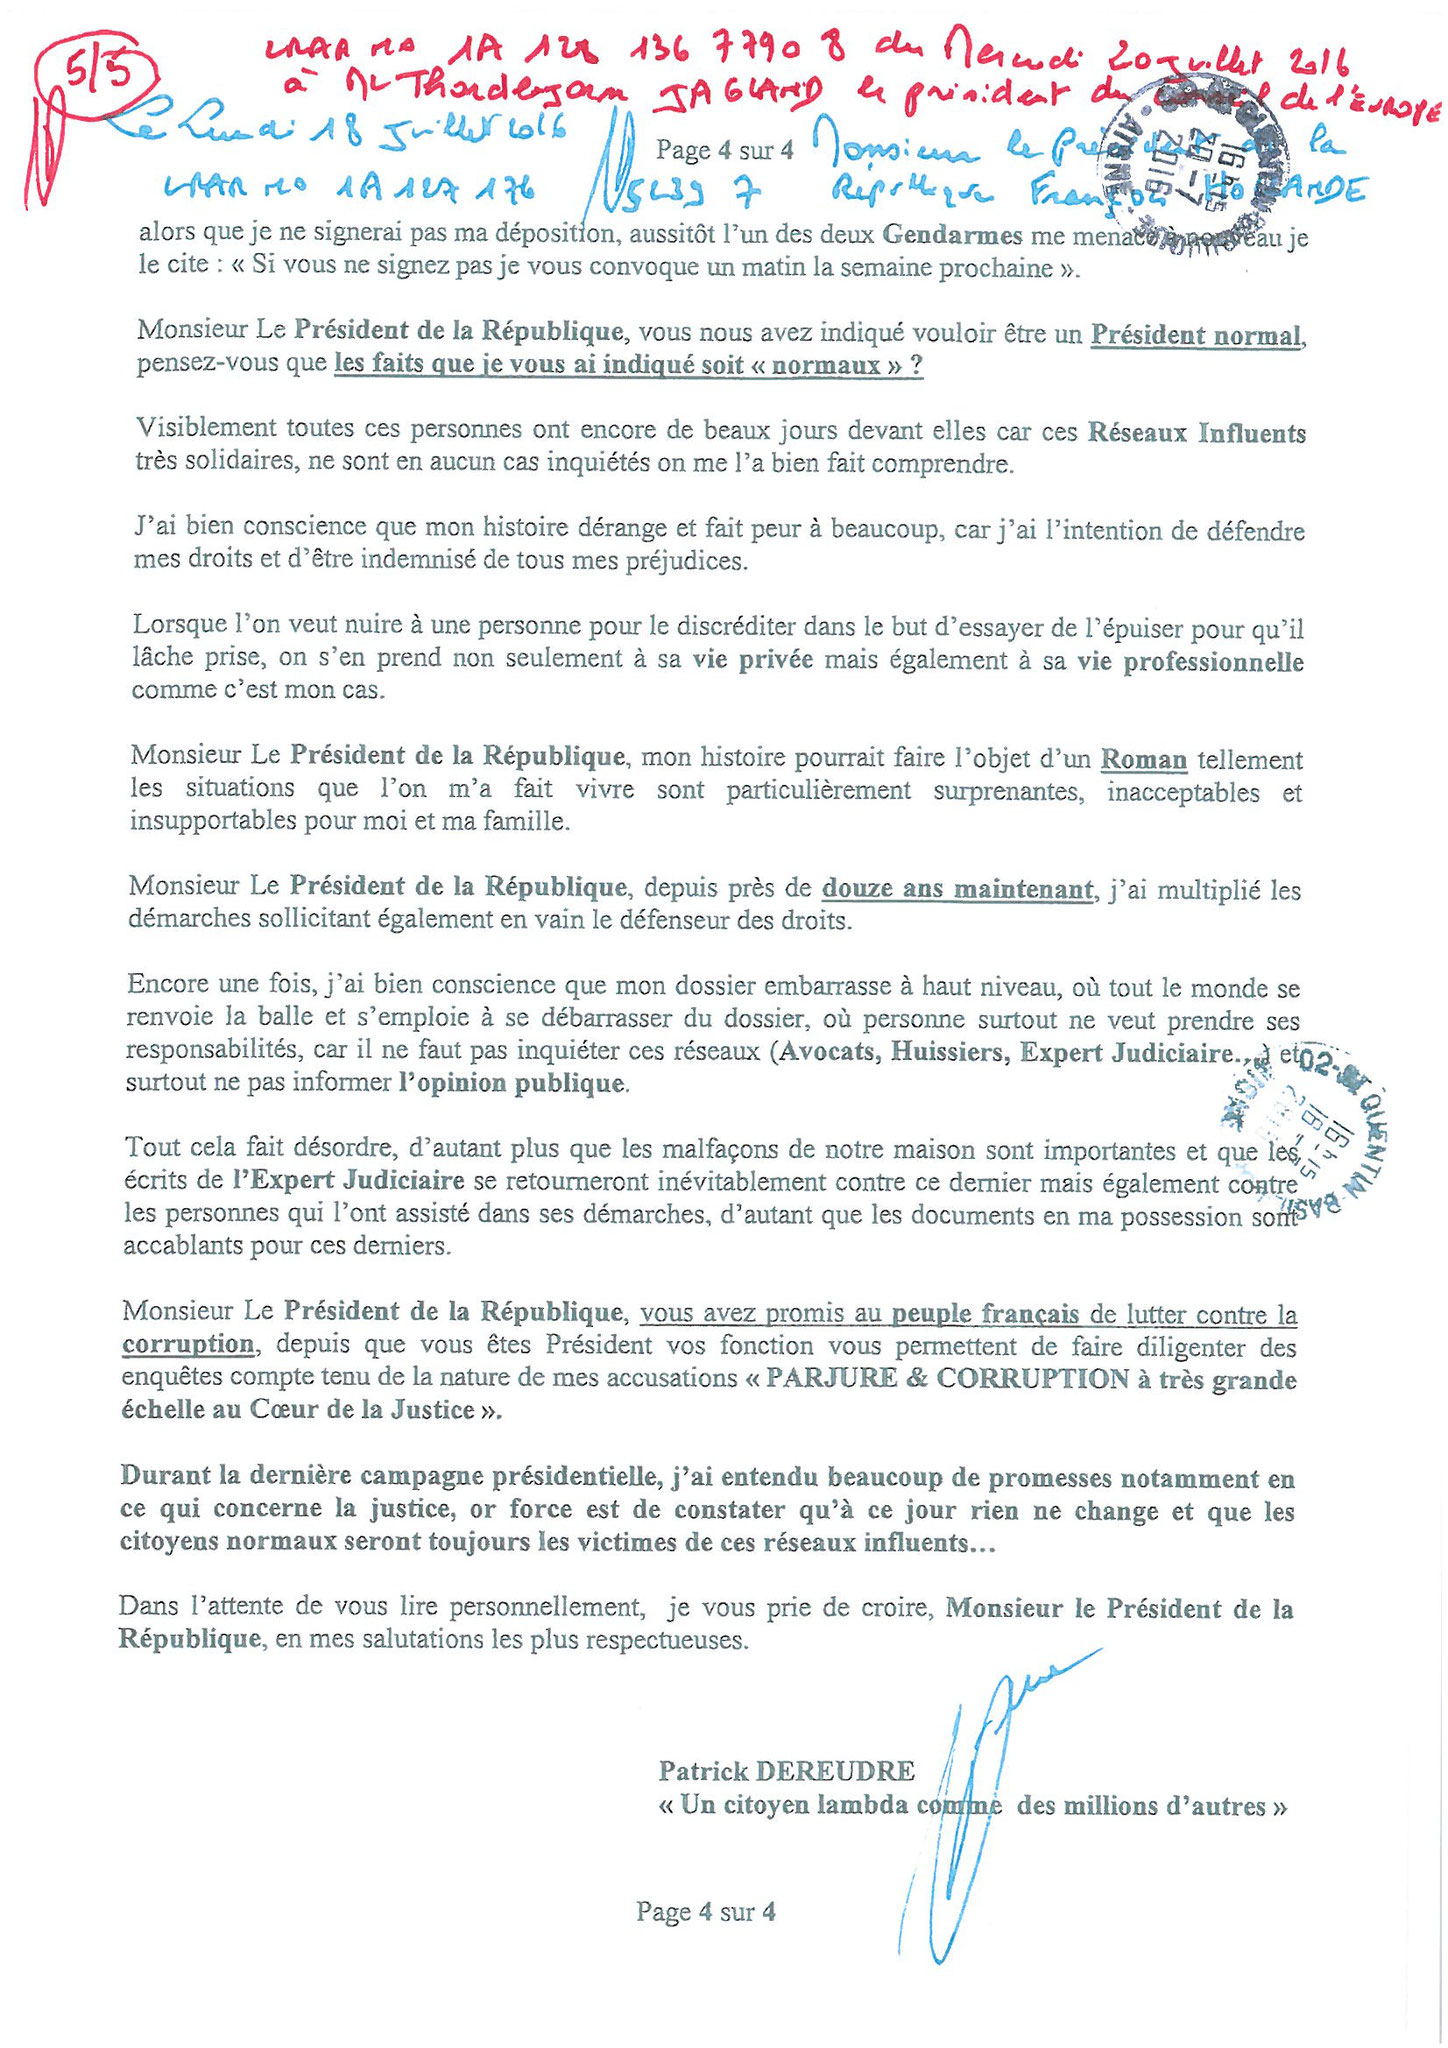 LRAR du 20 Juillet 2016 à Monsieur Thordjorn JAGLAND le Secrétaire Général du Conseil de l'Europe page 5 sur 5